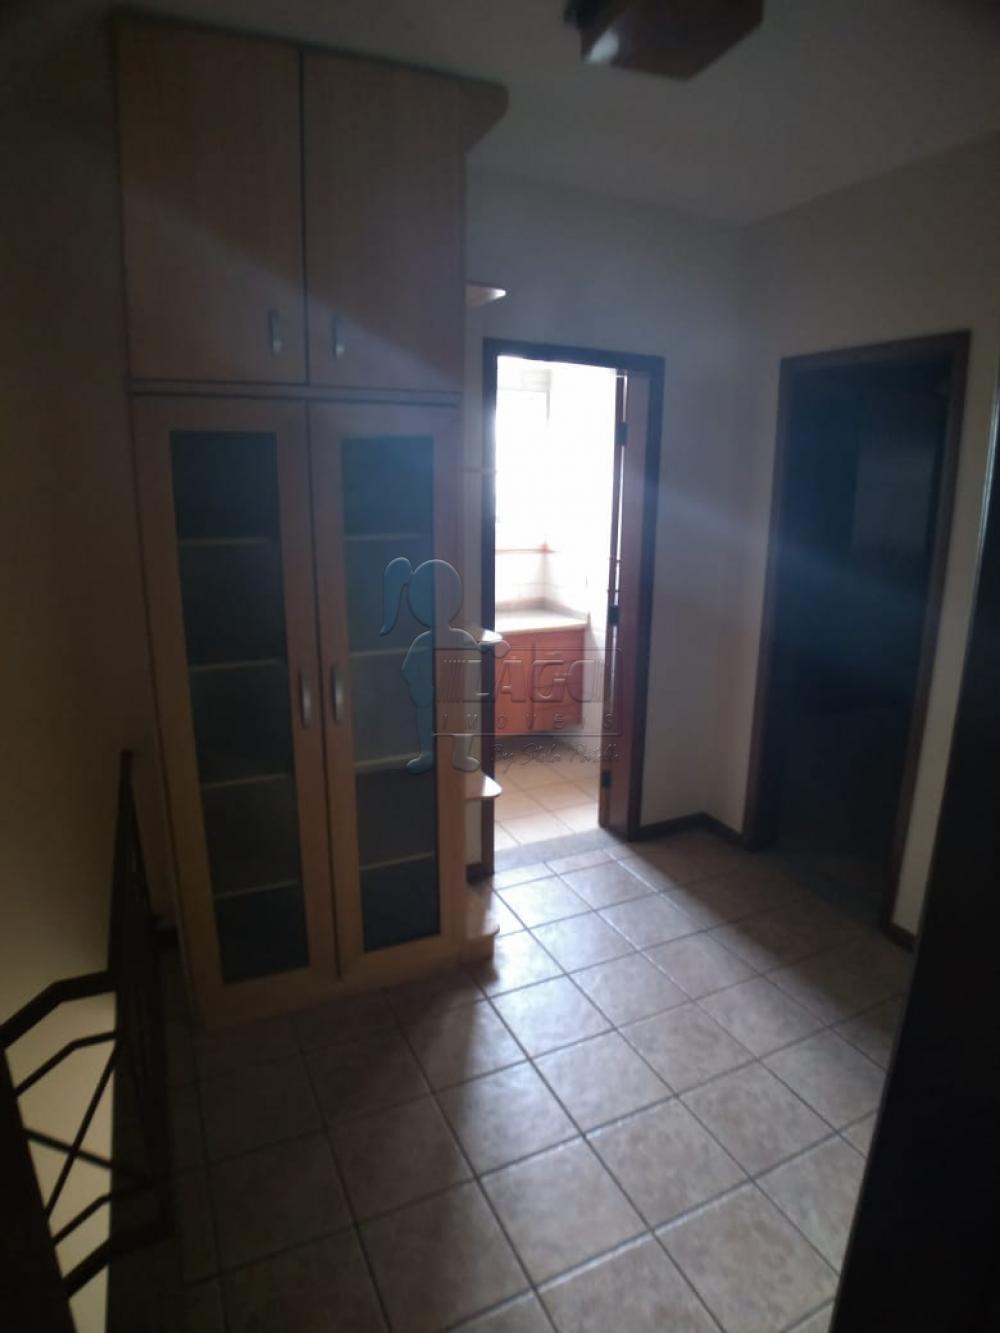 Alugar Casas / Condomínio em Ribeirão Preto apenas R$ 3.200,00 - Foto 19